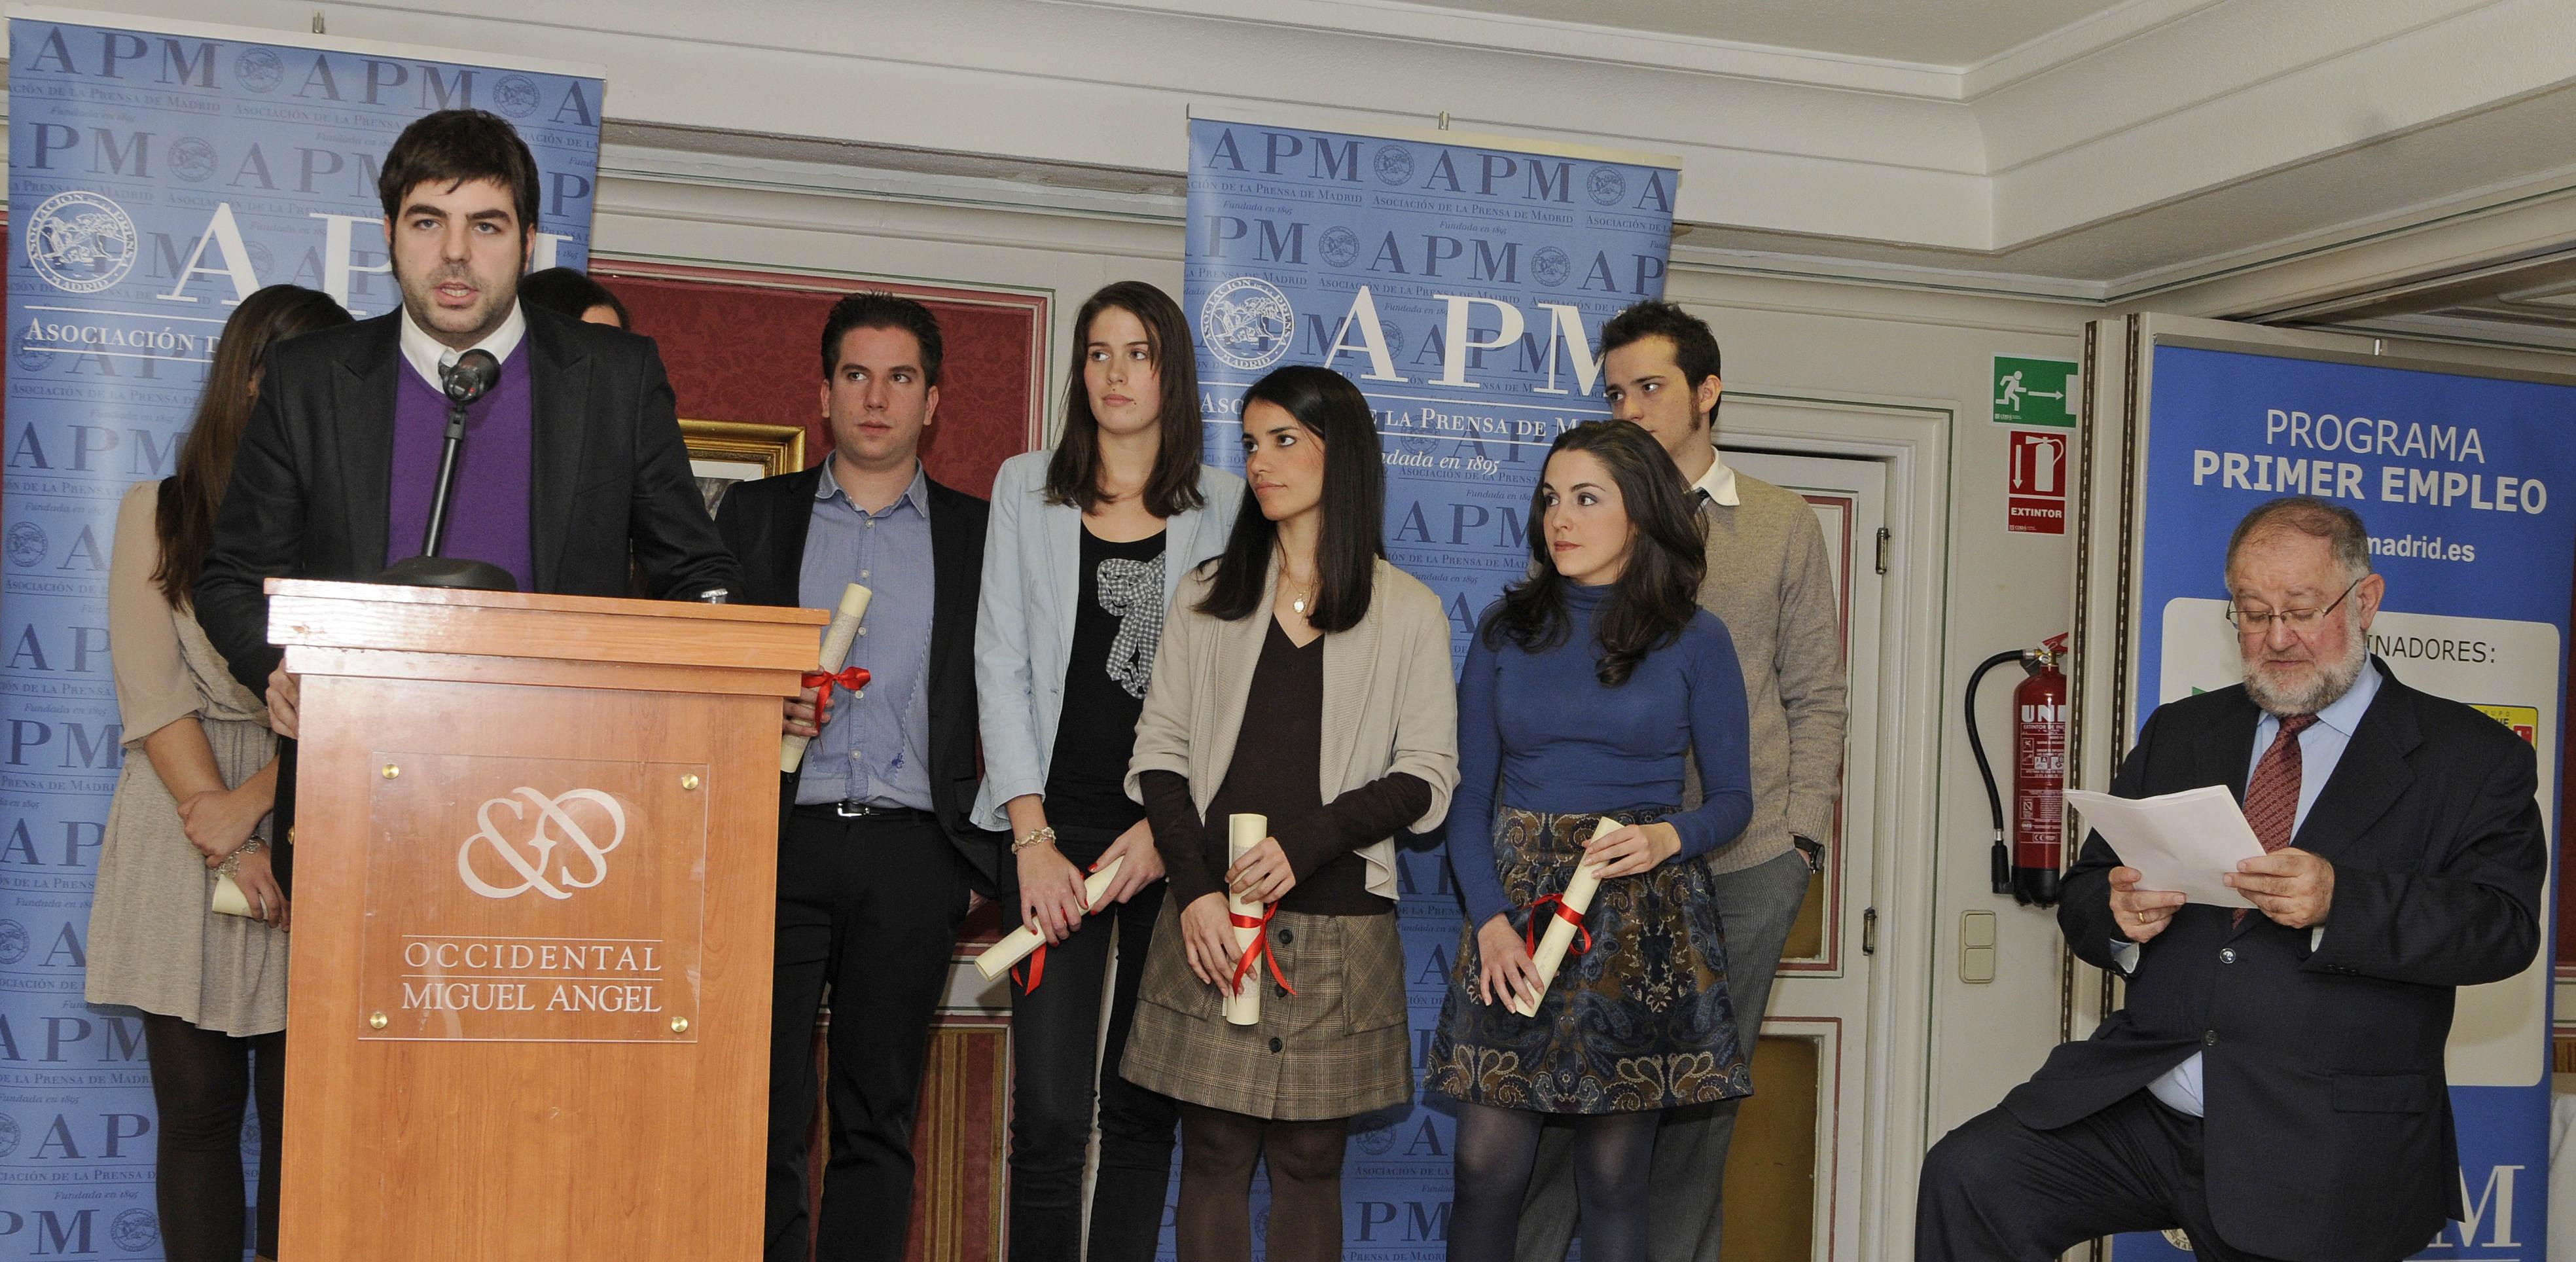 Entrega de credenciales a los seleccionados en la edición de 2010 del Programa Primer Empleo de la APM